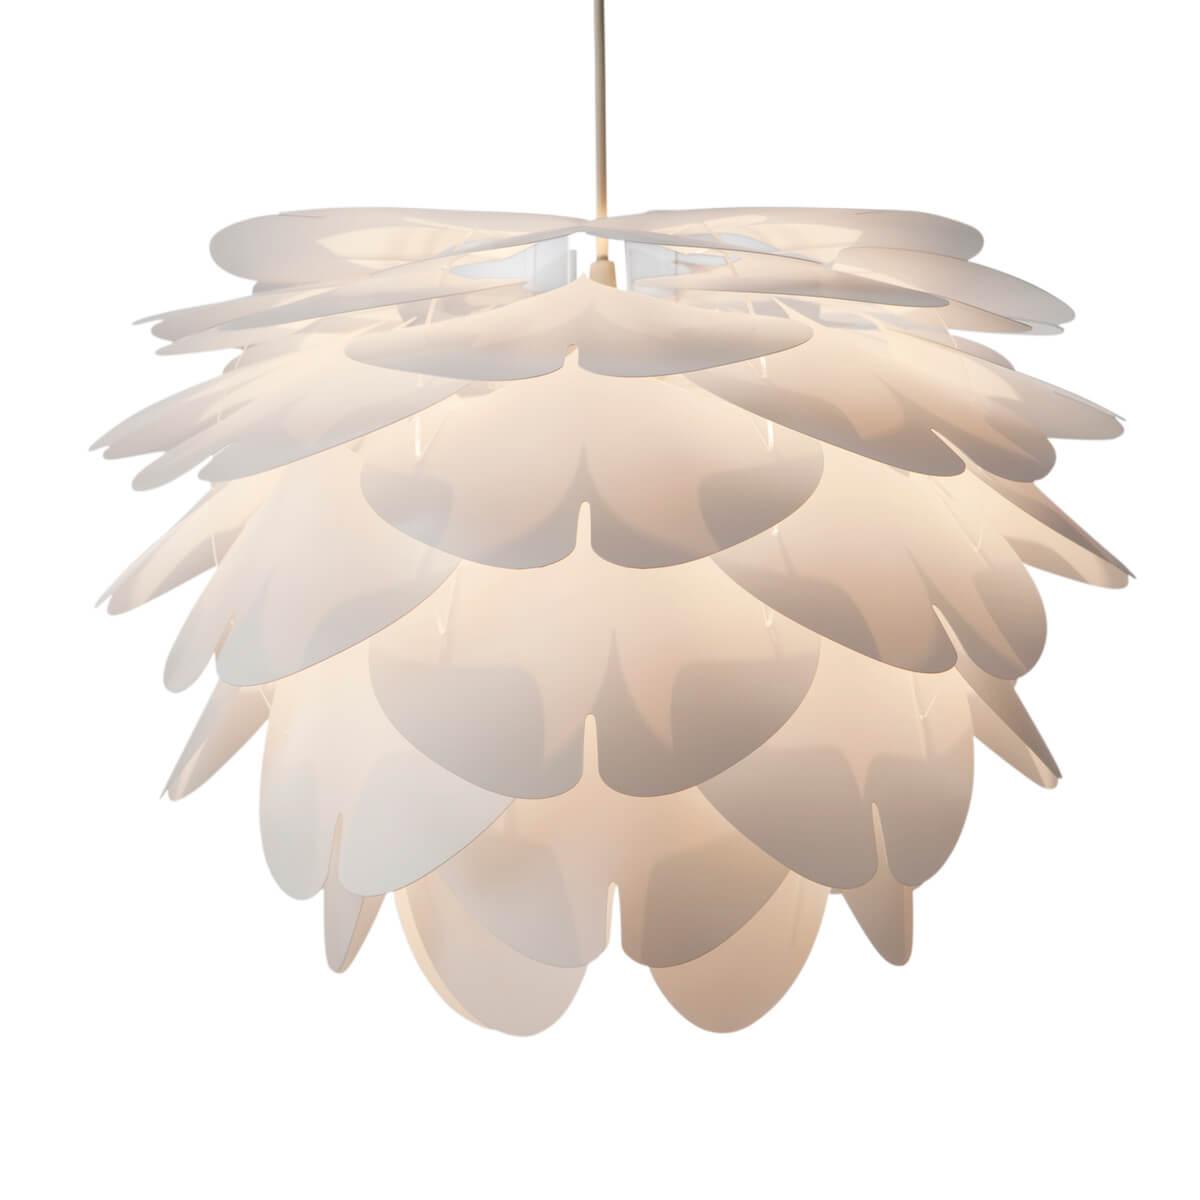 Zen abażur do lampy wiszącej i lampy stojącej